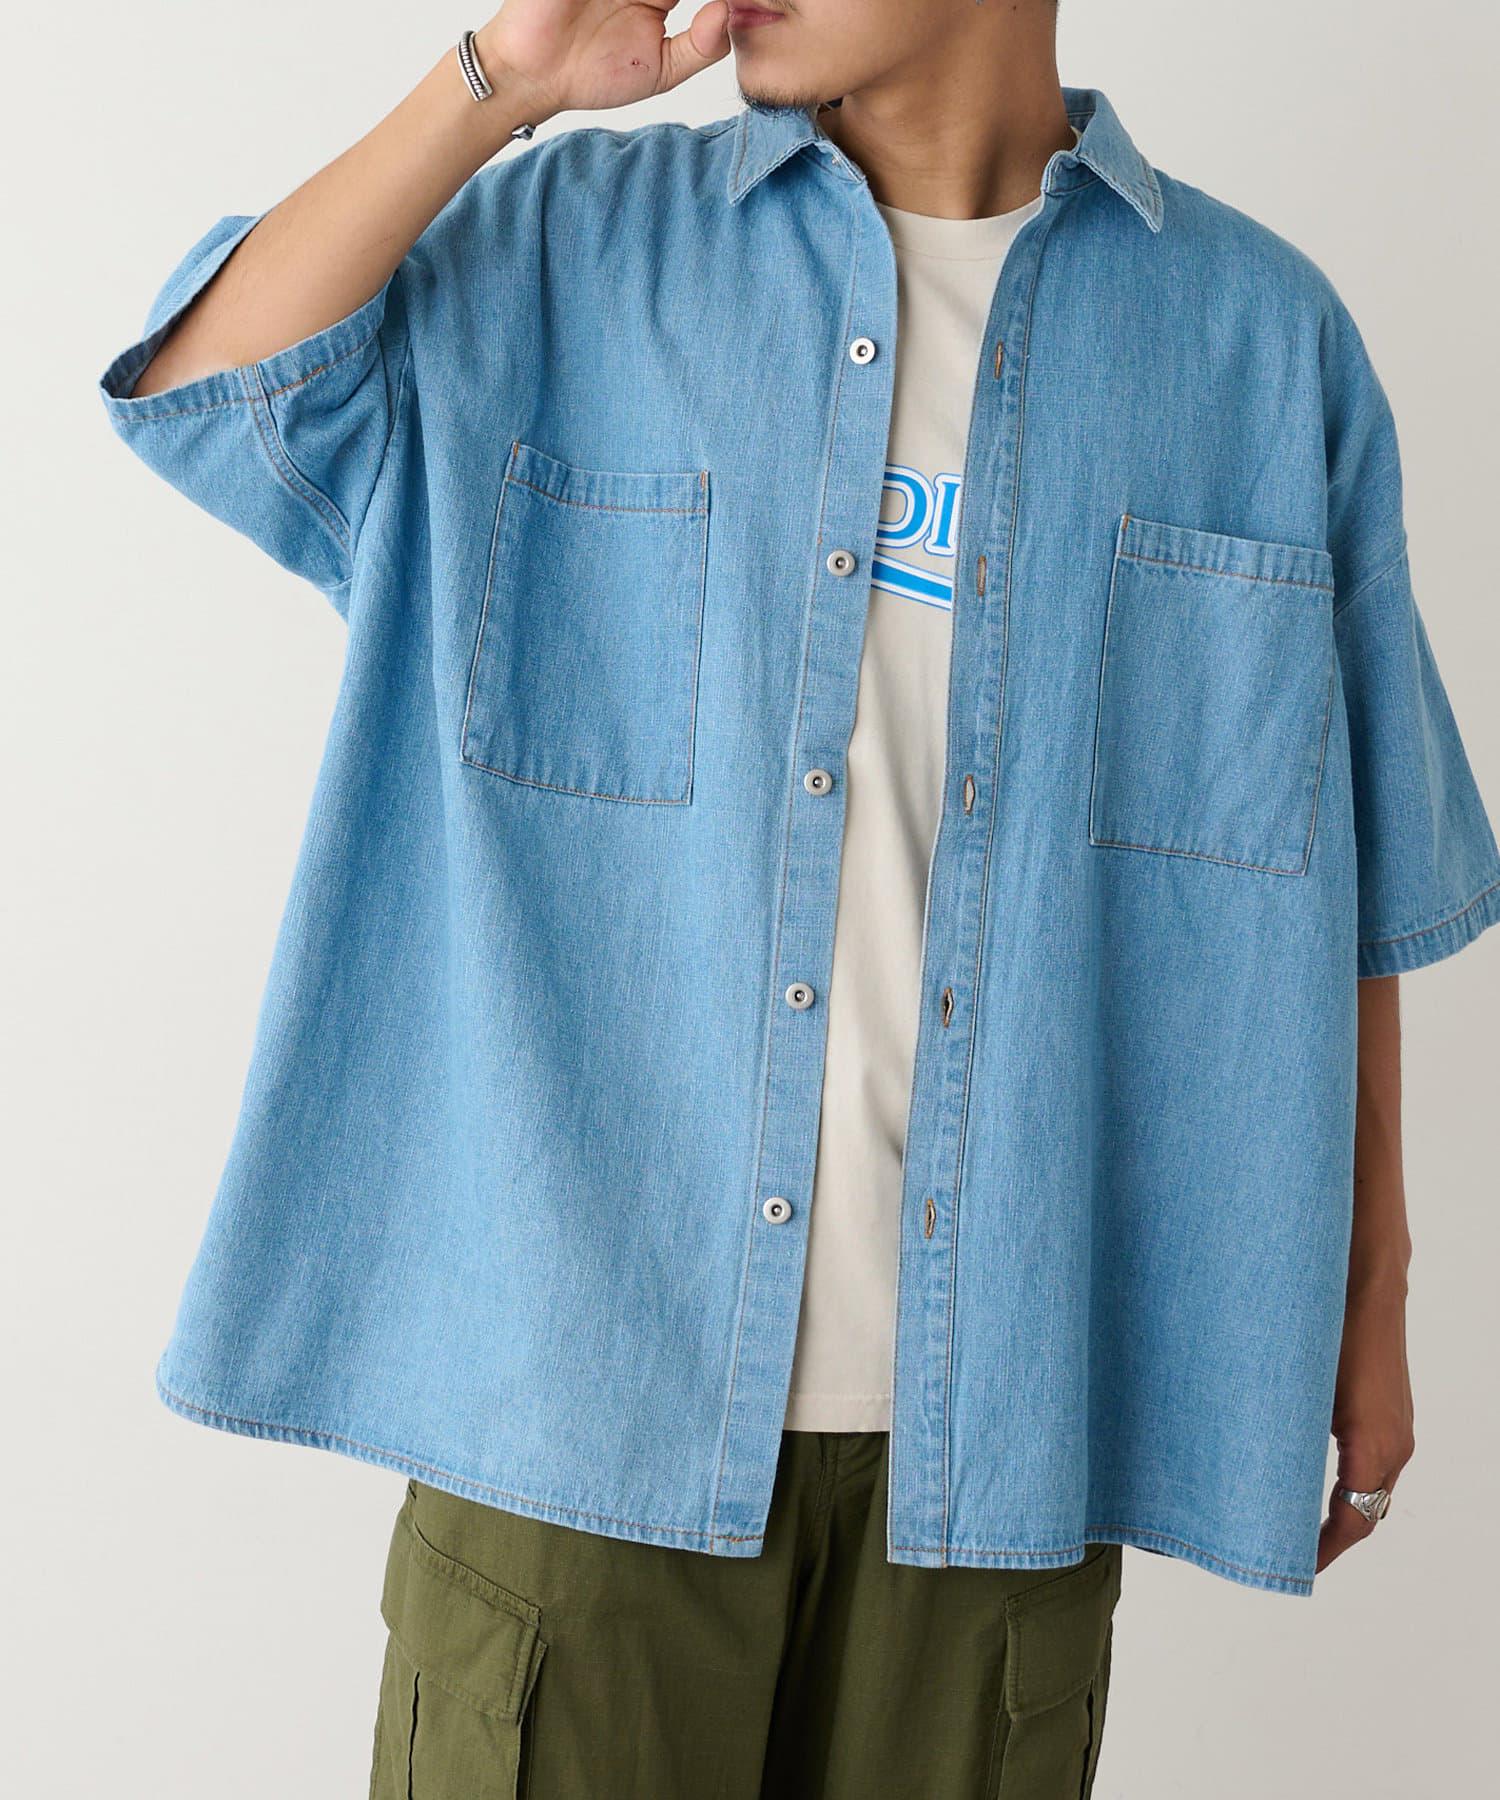 Discoat(ディスコート) ライトデニムビックシャツ